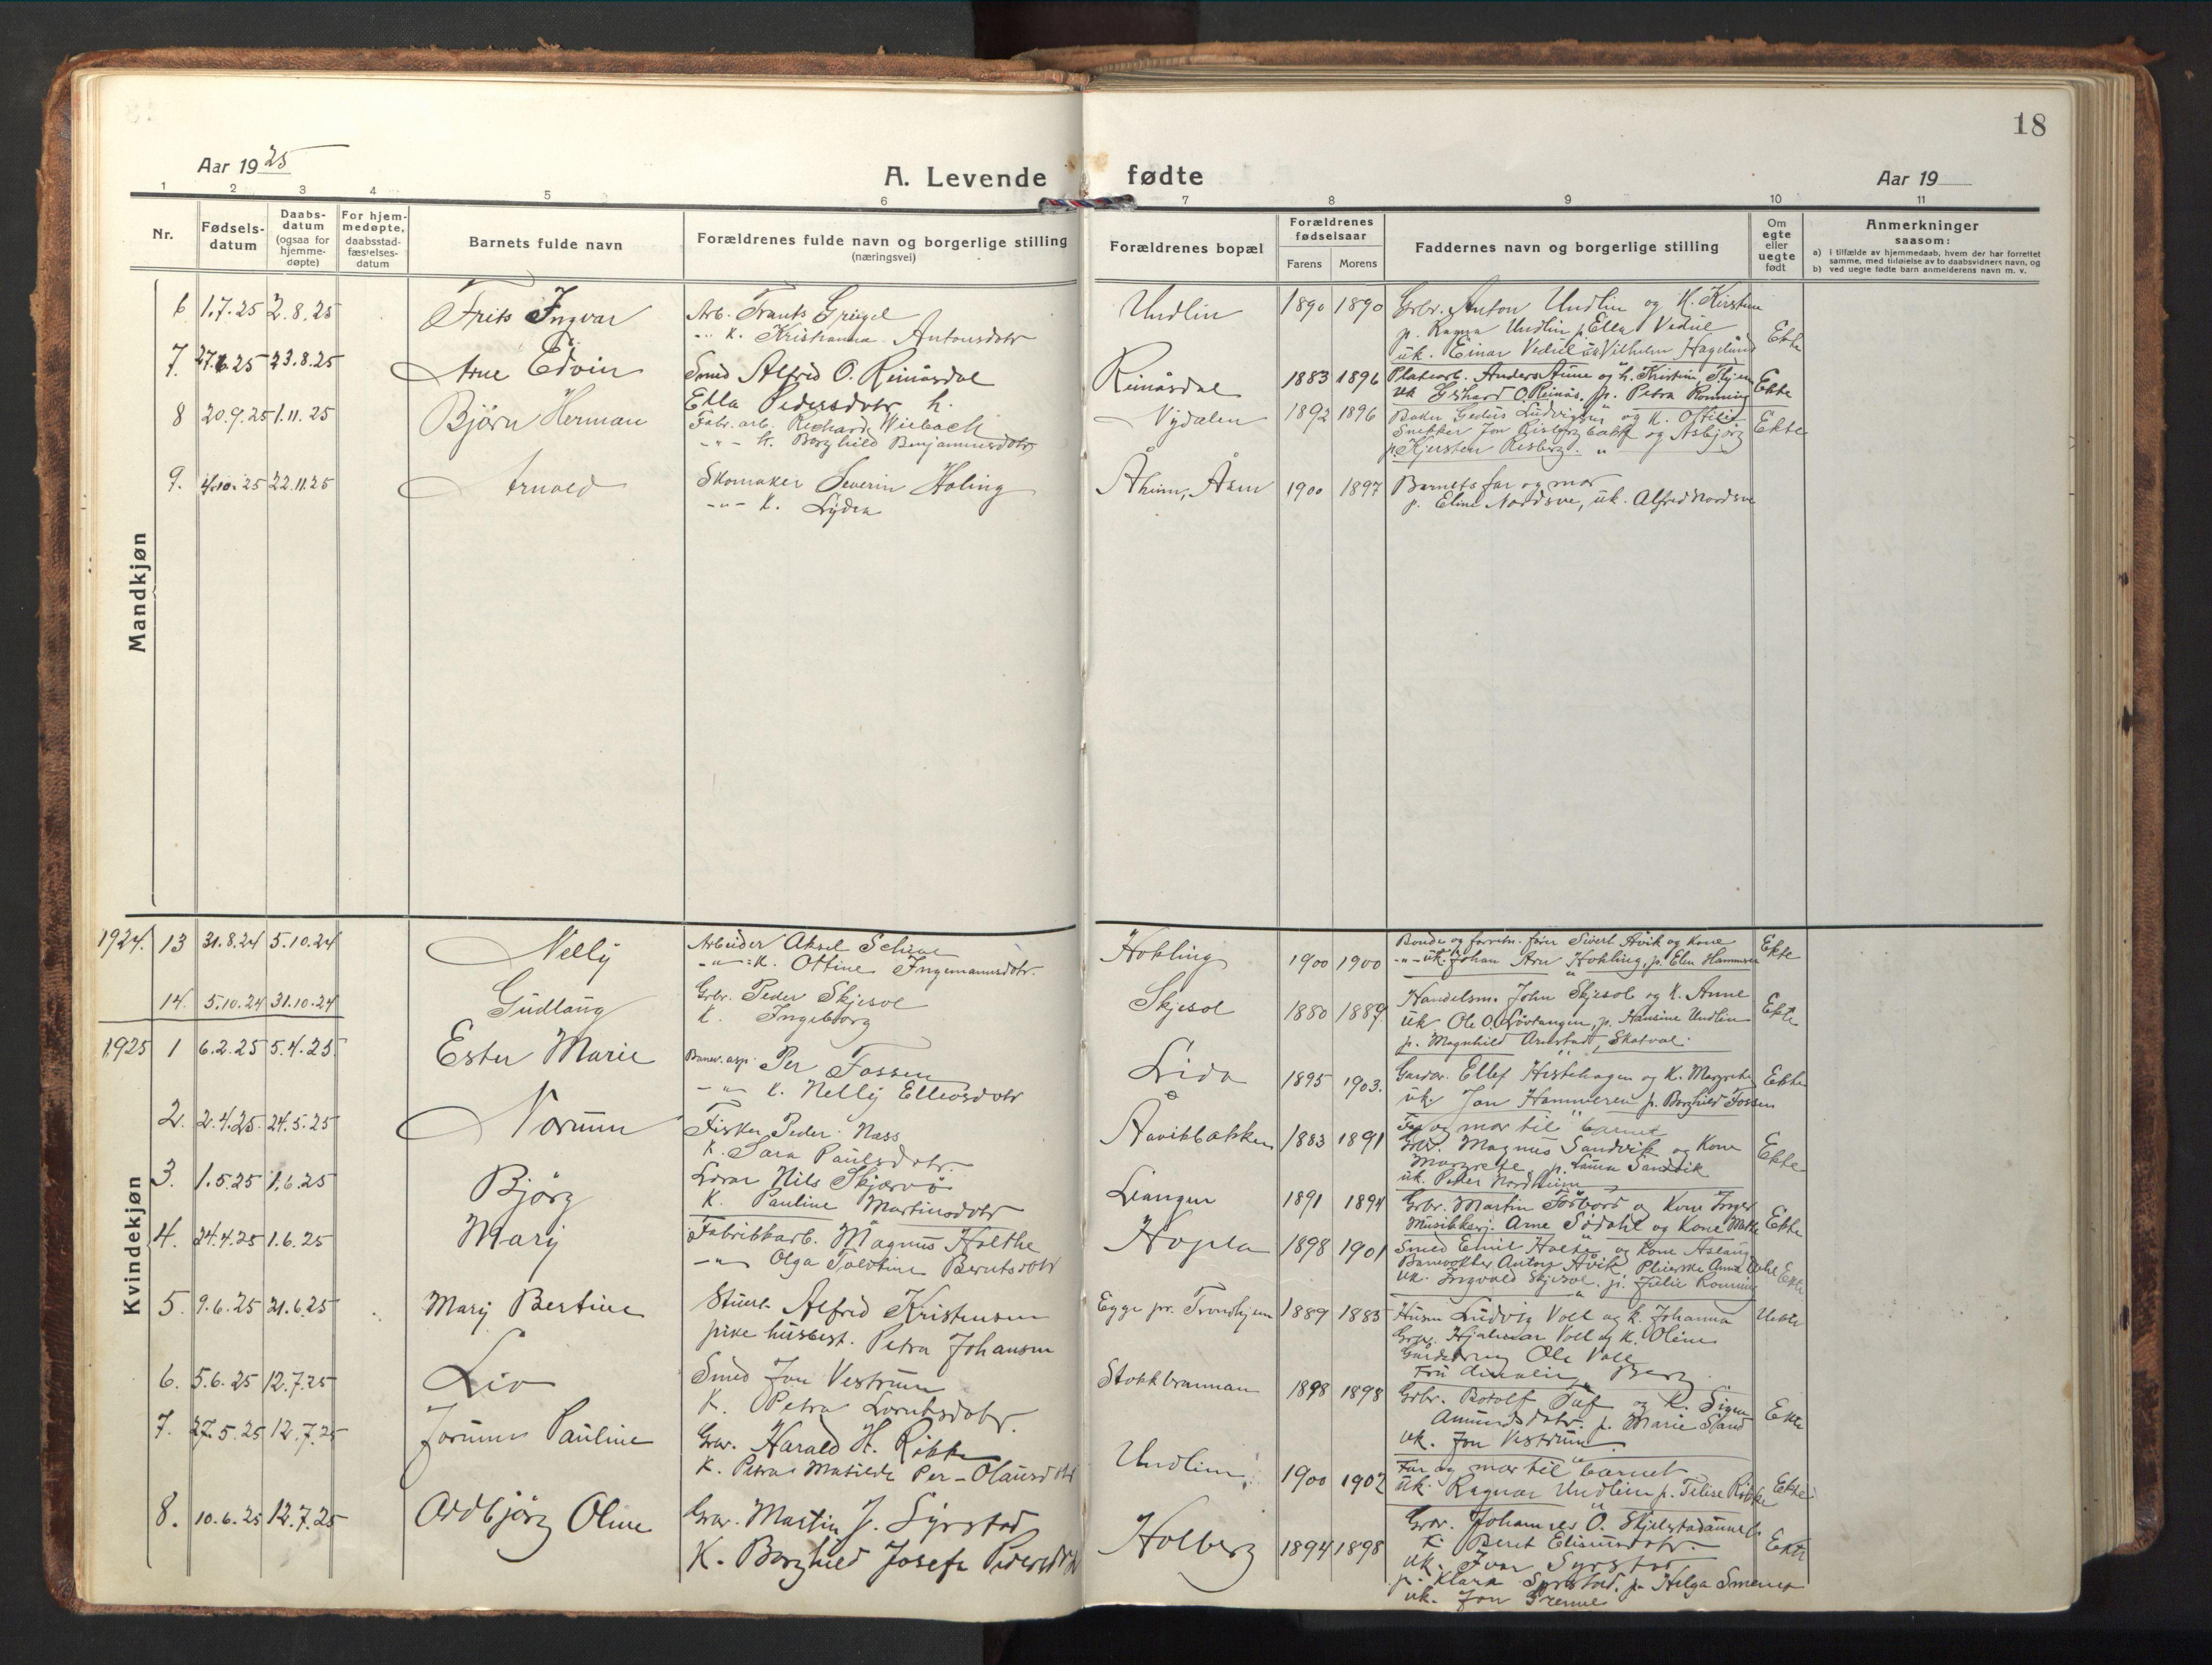 SAT, Ministerialprotokoller, klokkerbøker og fødselsregistre - Nord-Trøndelag, 714/L0136: Klokkerbok nr. 714C05, 1918-1957, s. 18